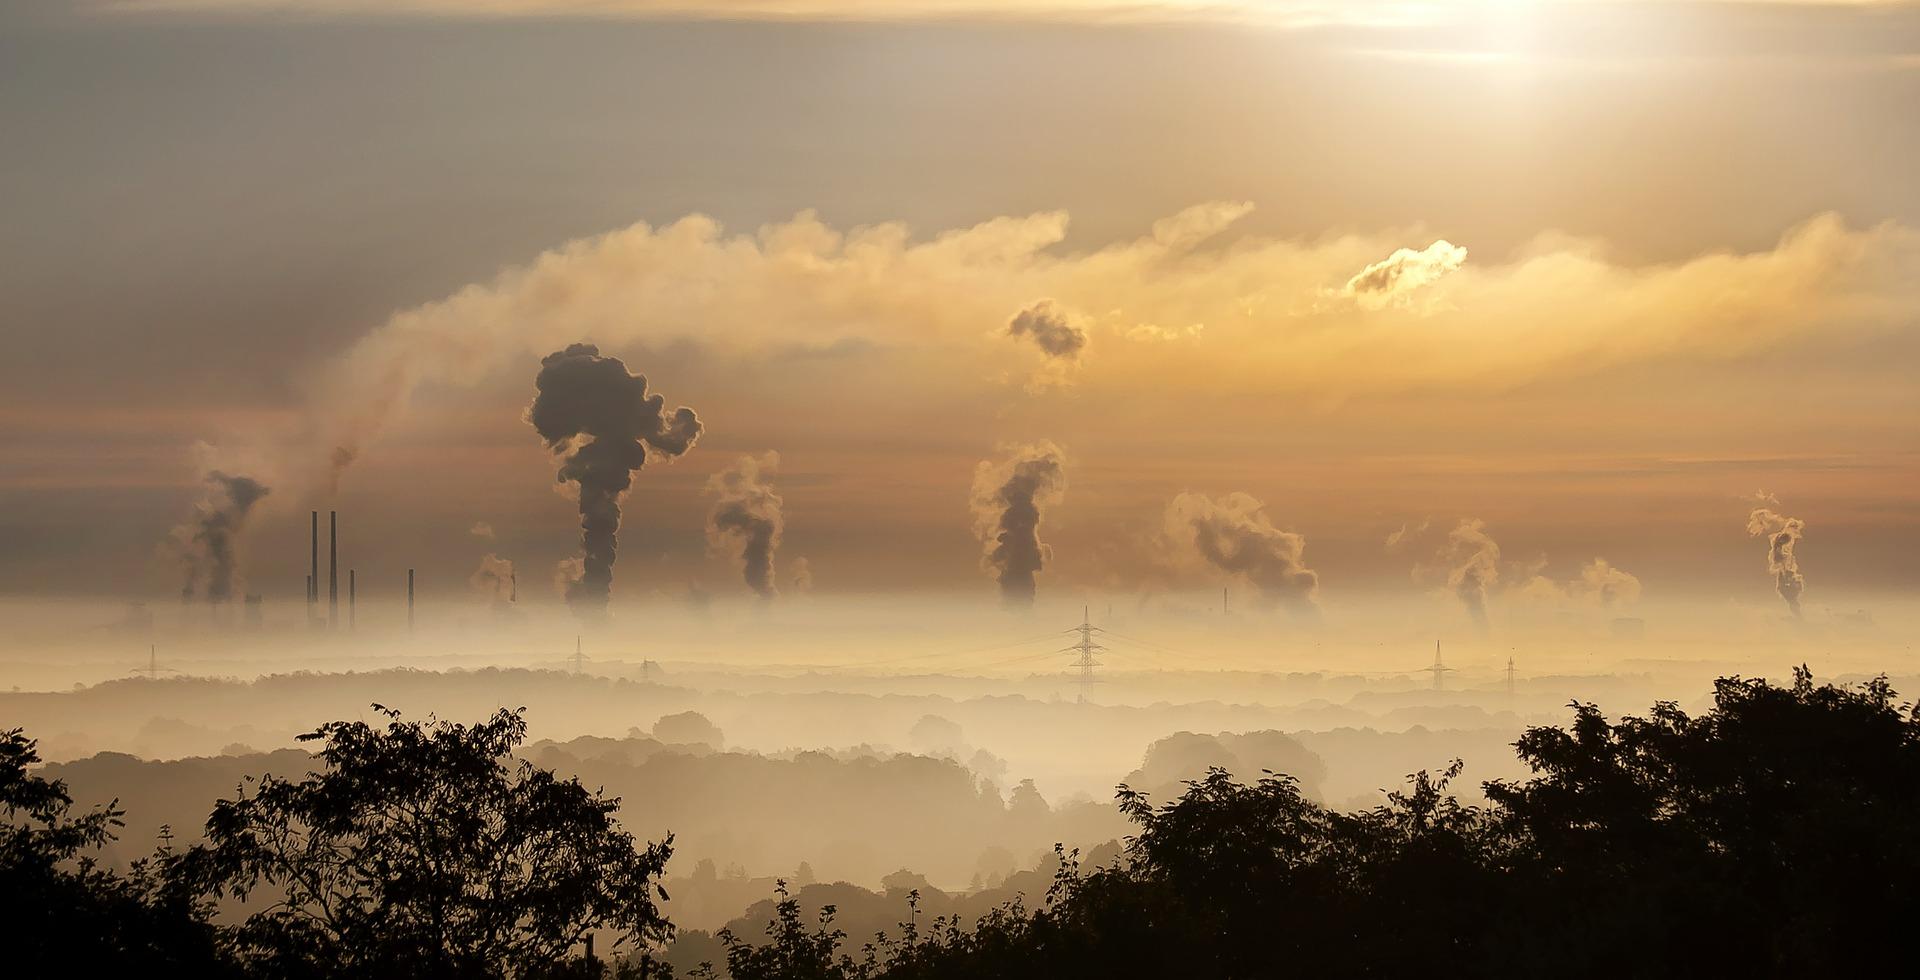 Industrieschornsteine im Dunst symbolisieren den CO2-Ausstoß als Ursache für die Klimakrise.